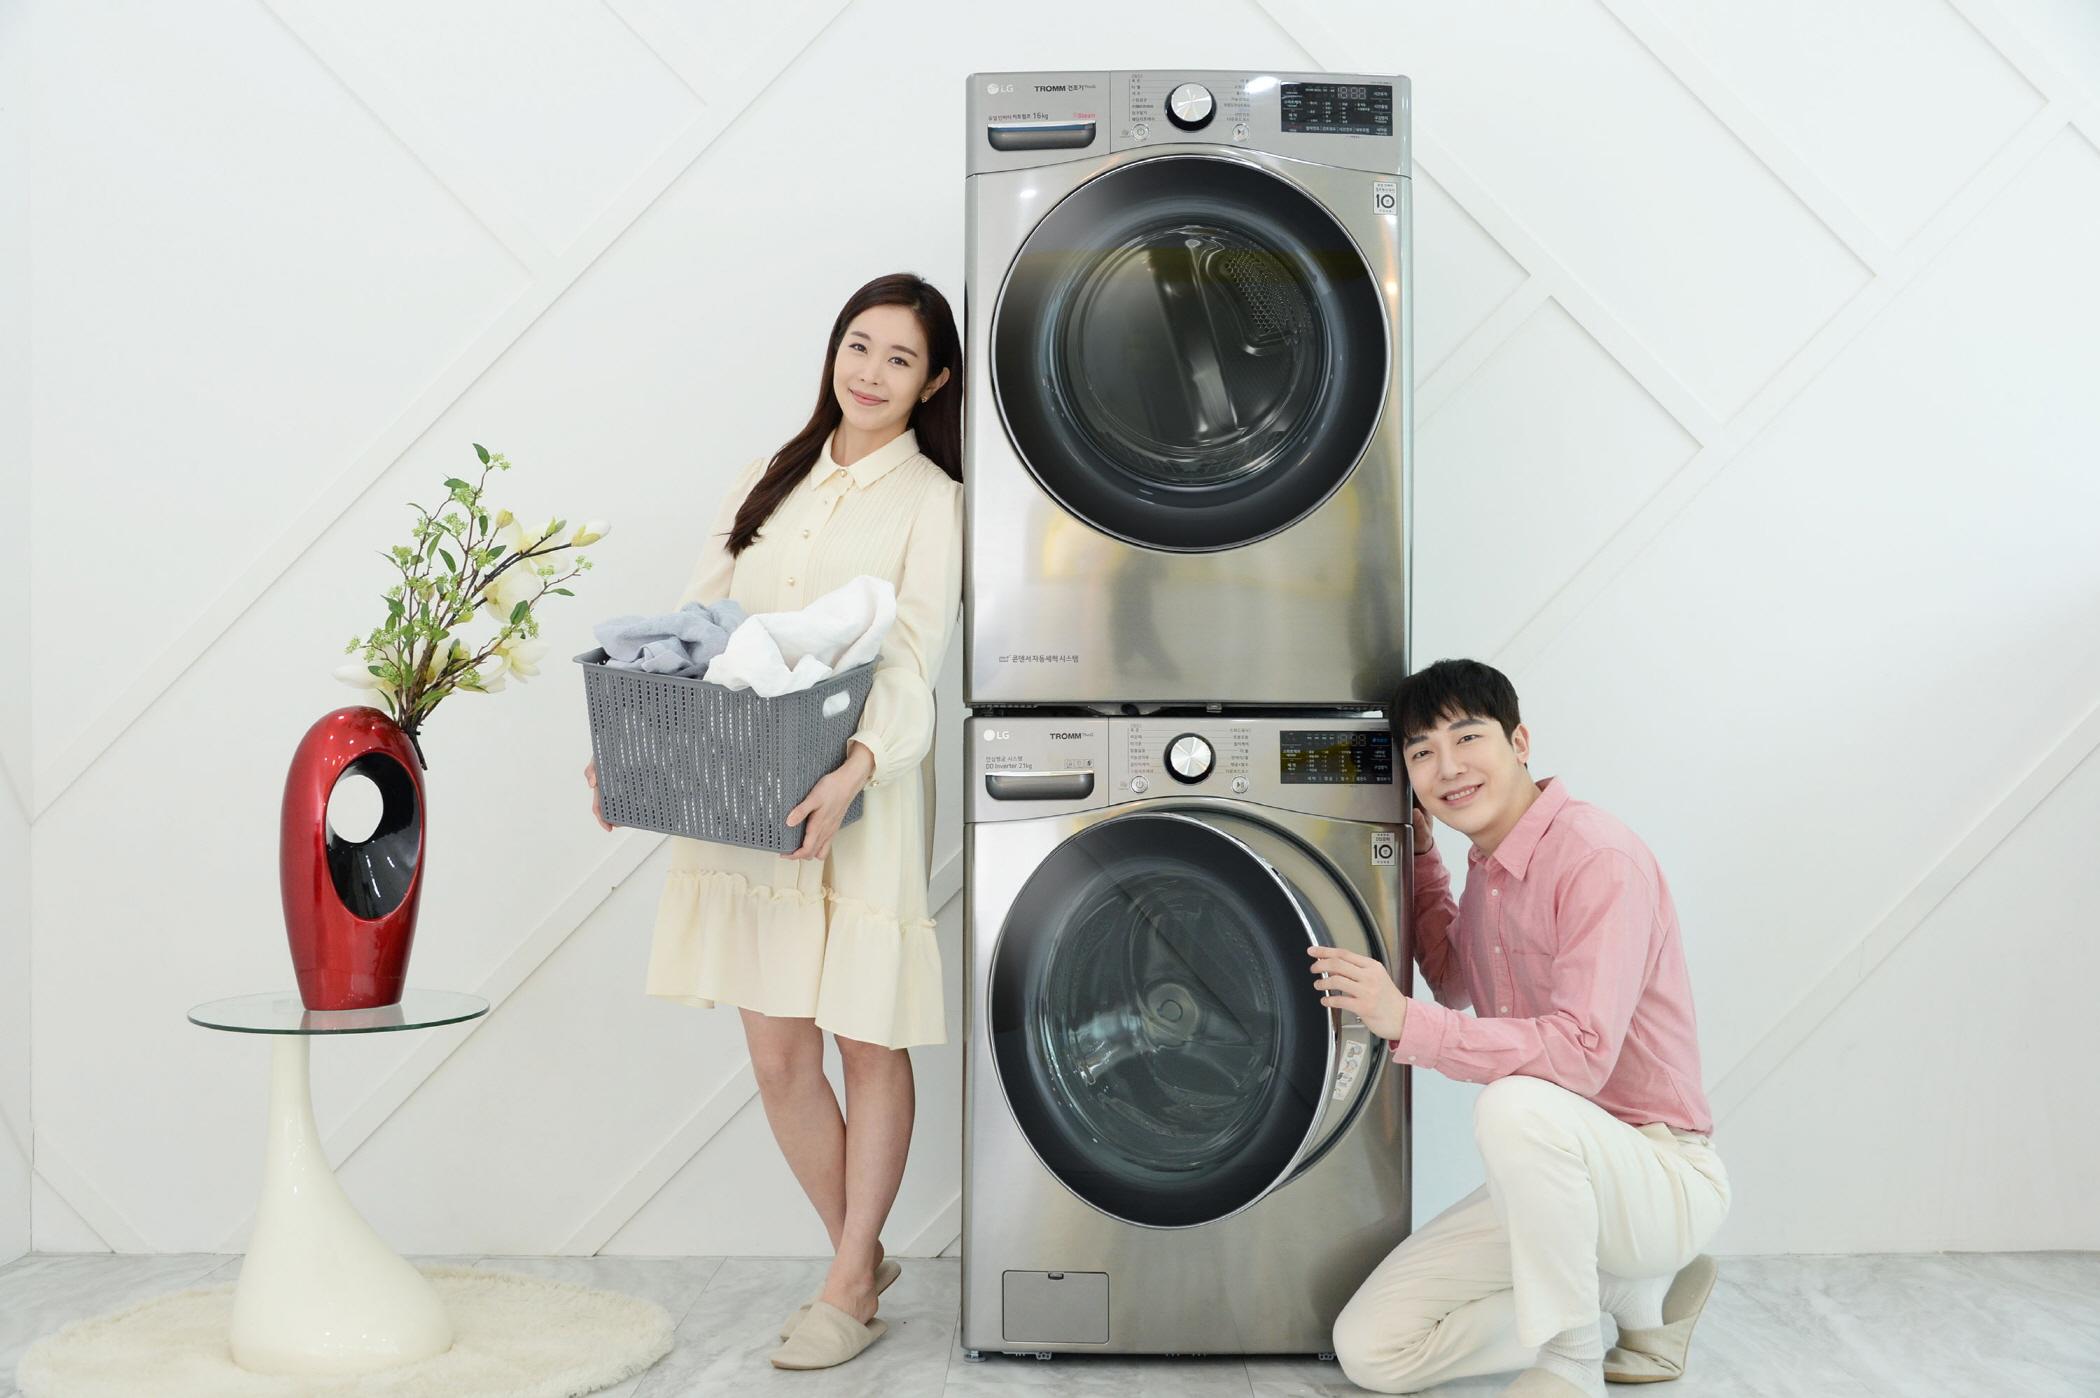 모델들이 'LG 트롬 건조기 스팀 씽큐(상)'와 인공지능 DD세탁기 'LG 트롬 세탁기 씽큐(하)'를 소개하고 있다.